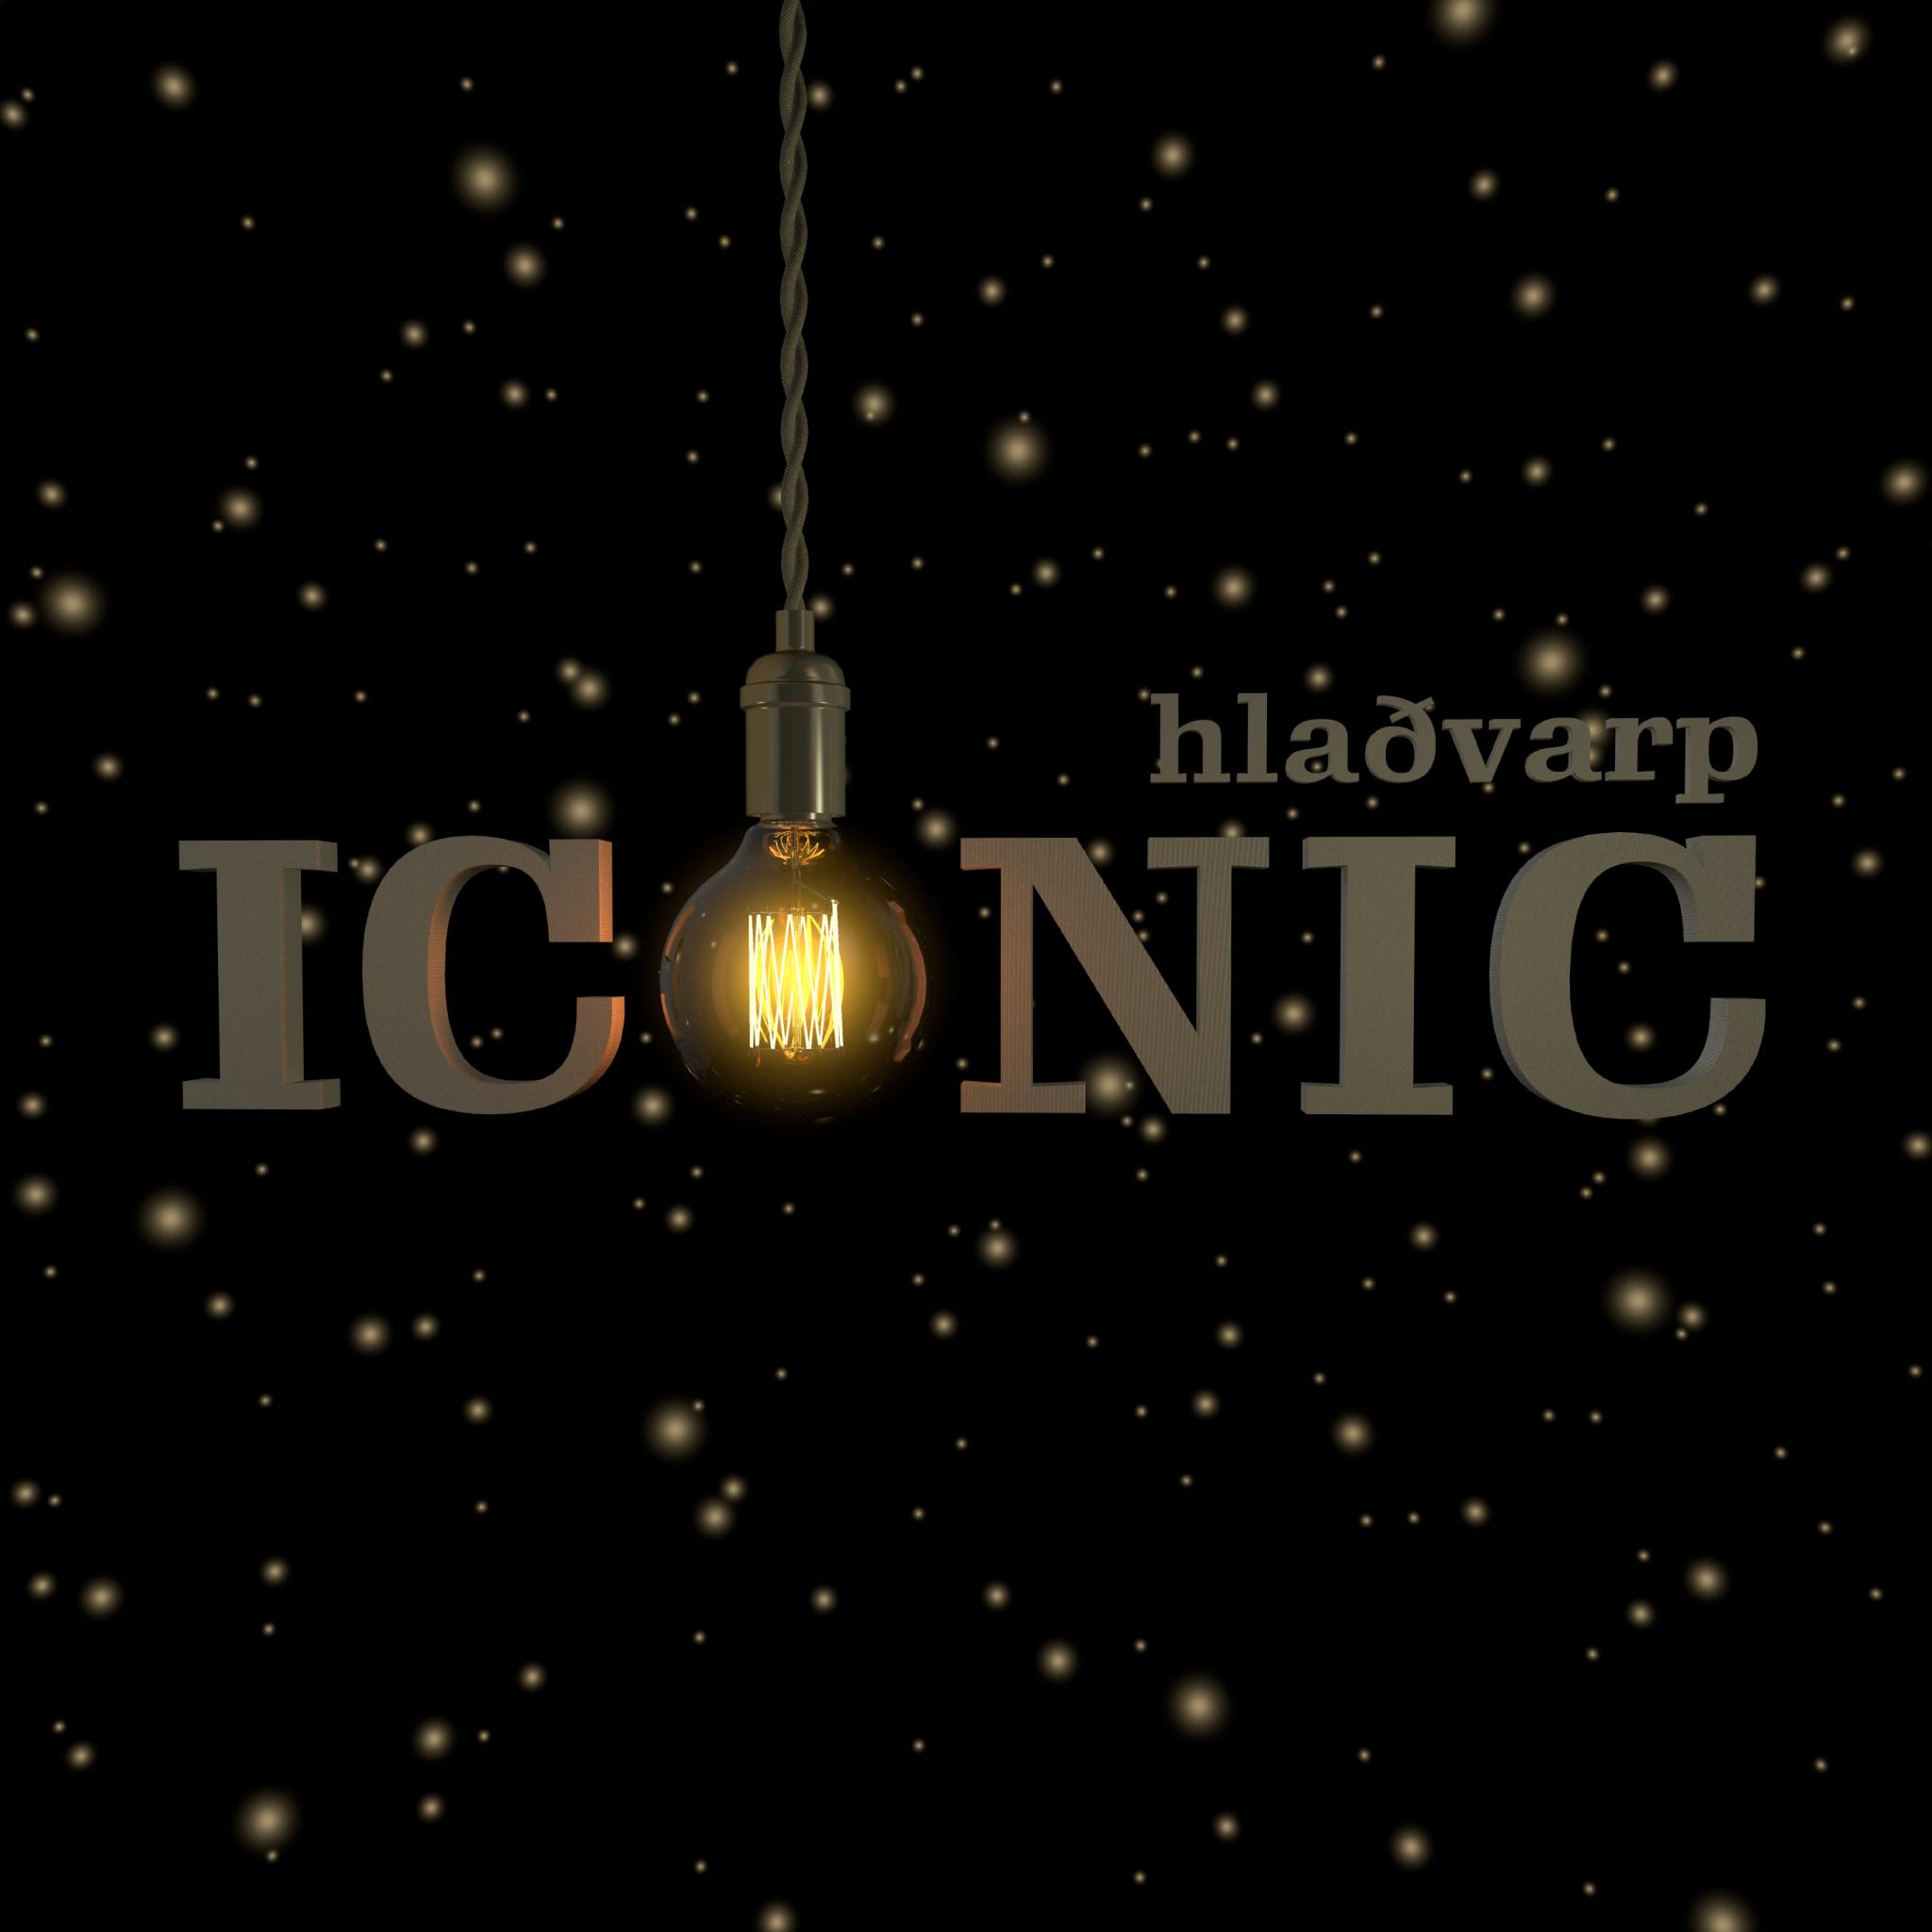 Iconic Tækni